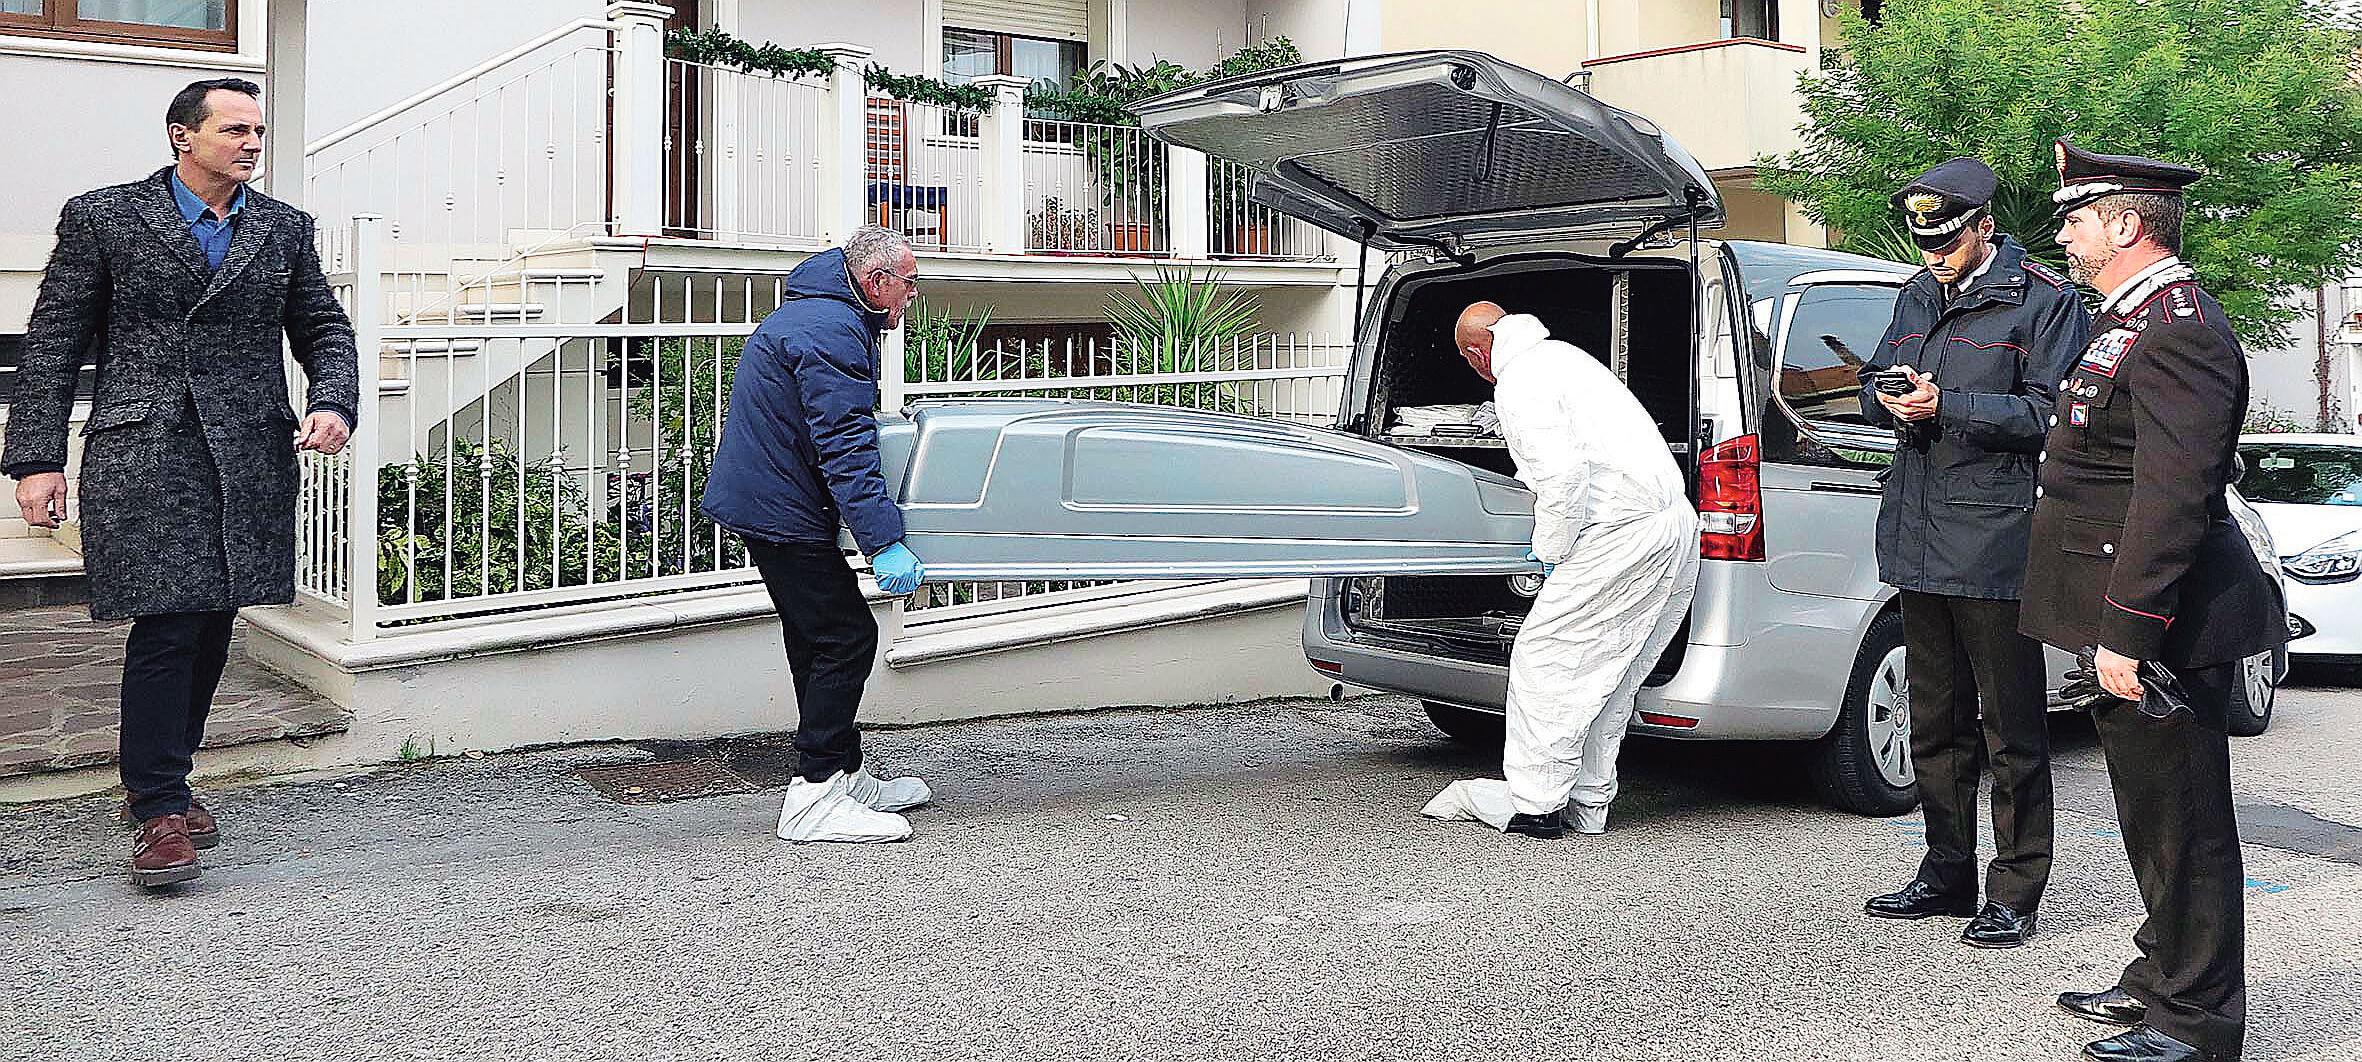 Oggi a Riccione i funerali della nonna uccisa. La lettera della figlia